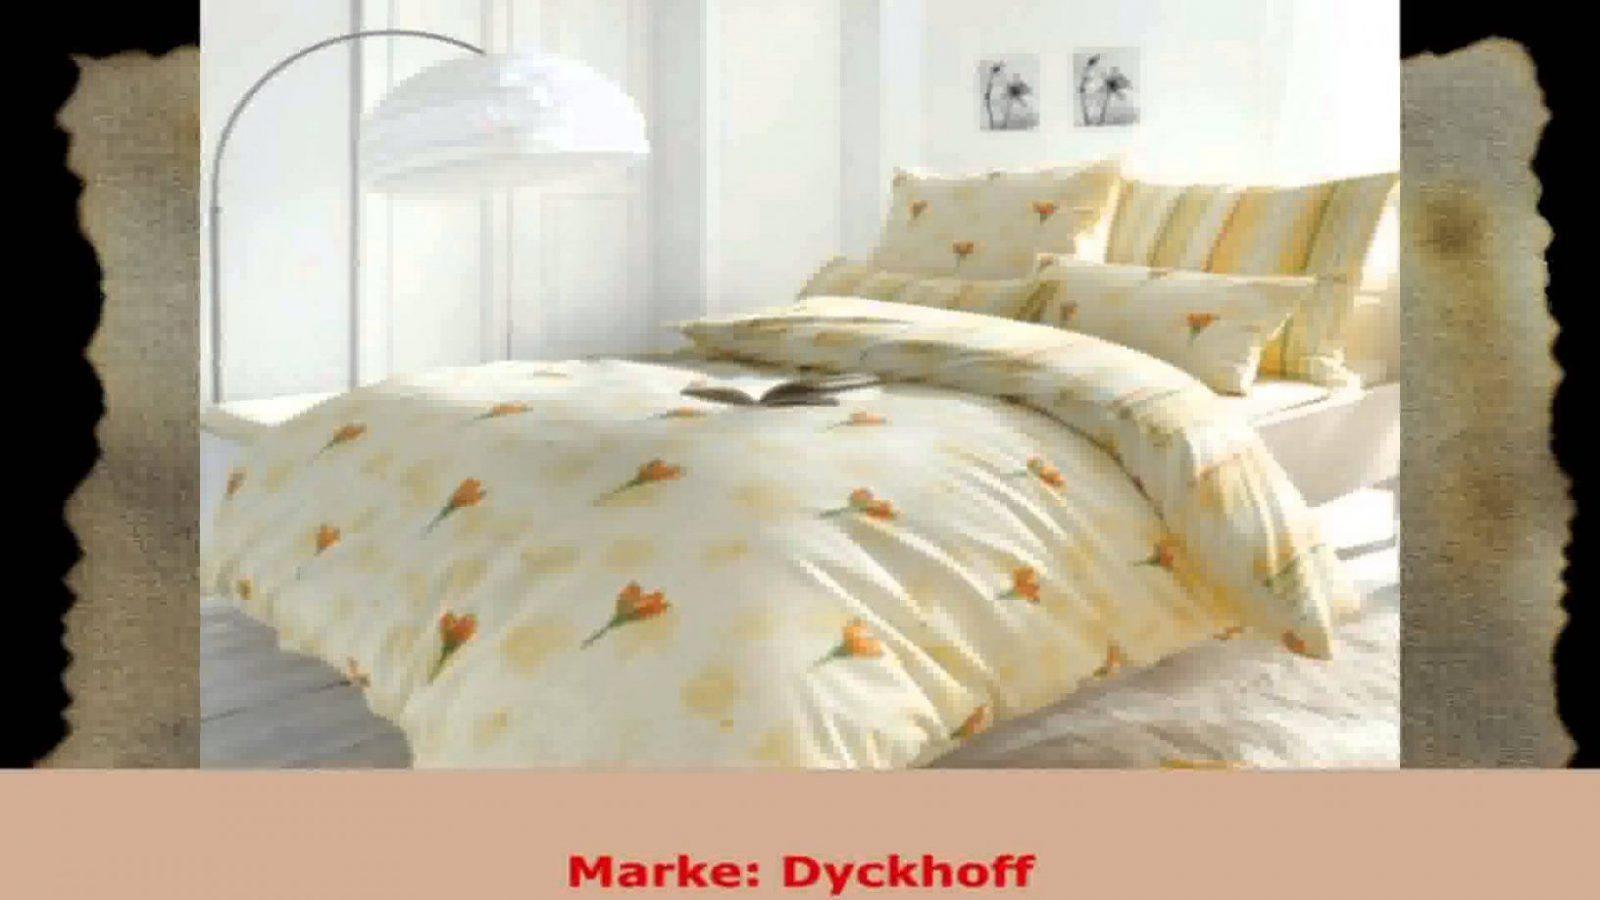 Dyckhoff Frottee Bettwäsche Tulipe Gelb 155X220 Cm 80X80 Cm  Youtube von Dyckhoff Frottee Bettwäsche Photo